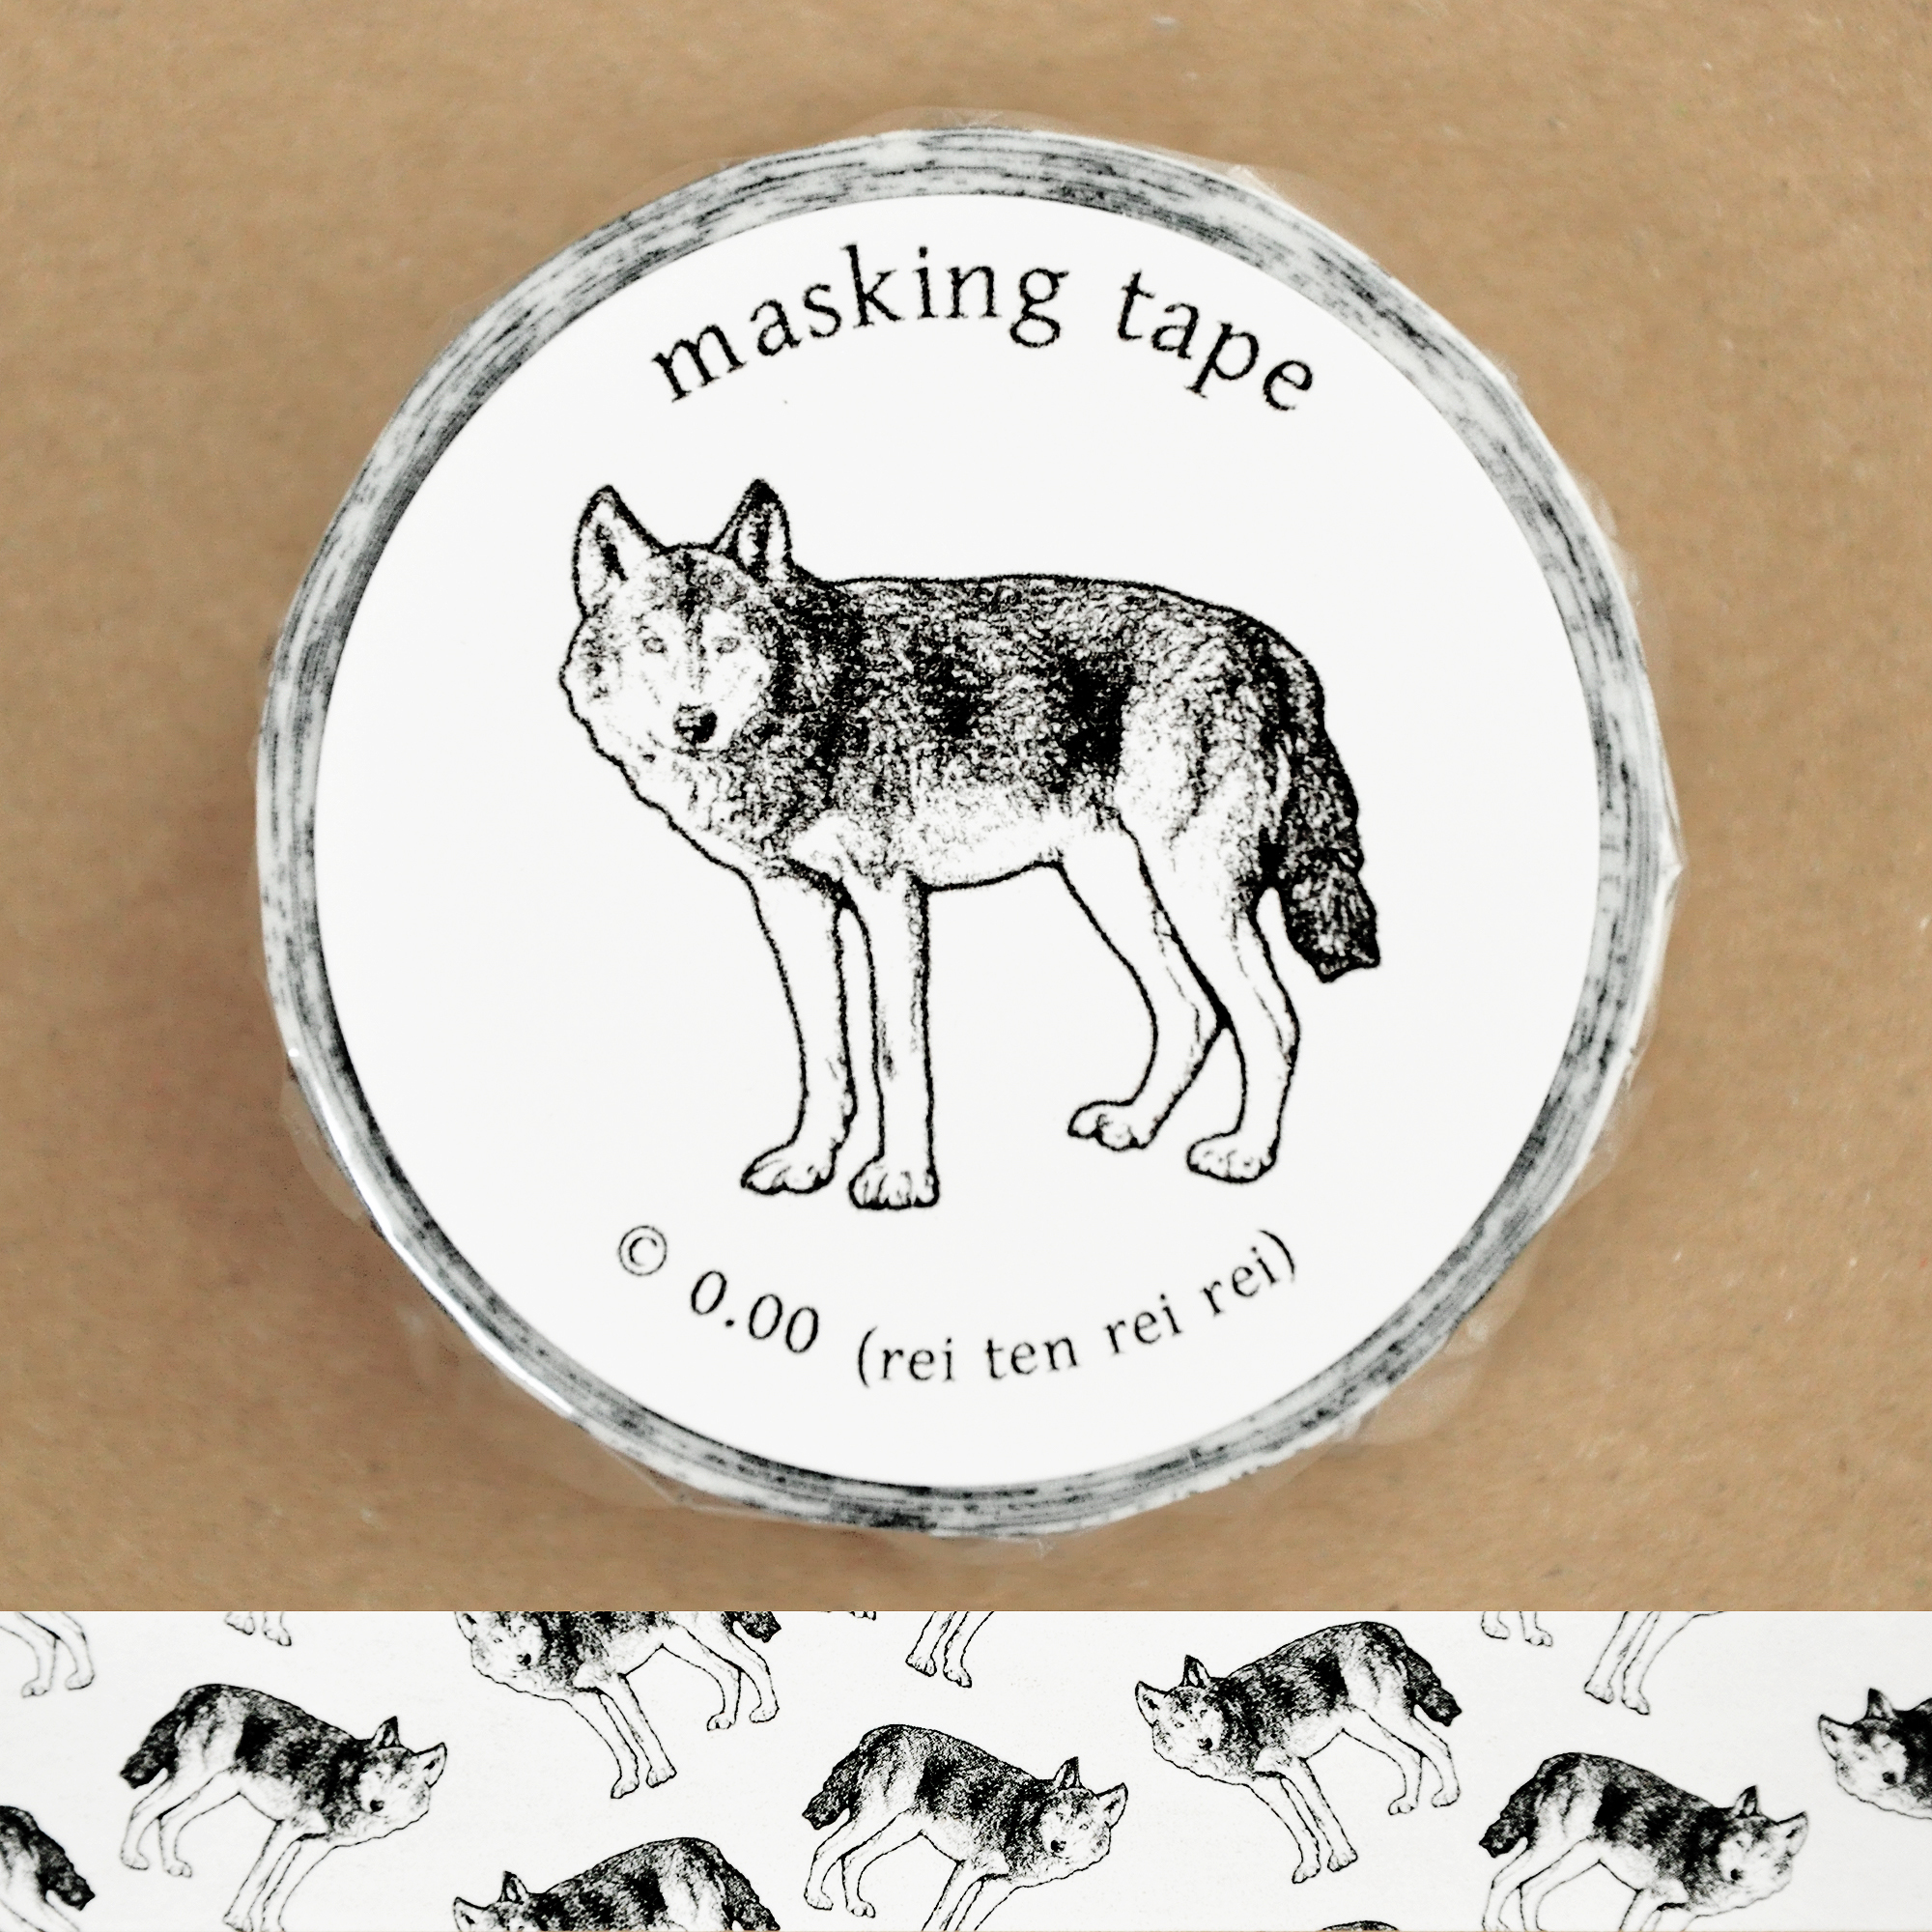 マスキングテープ(オオカミ)